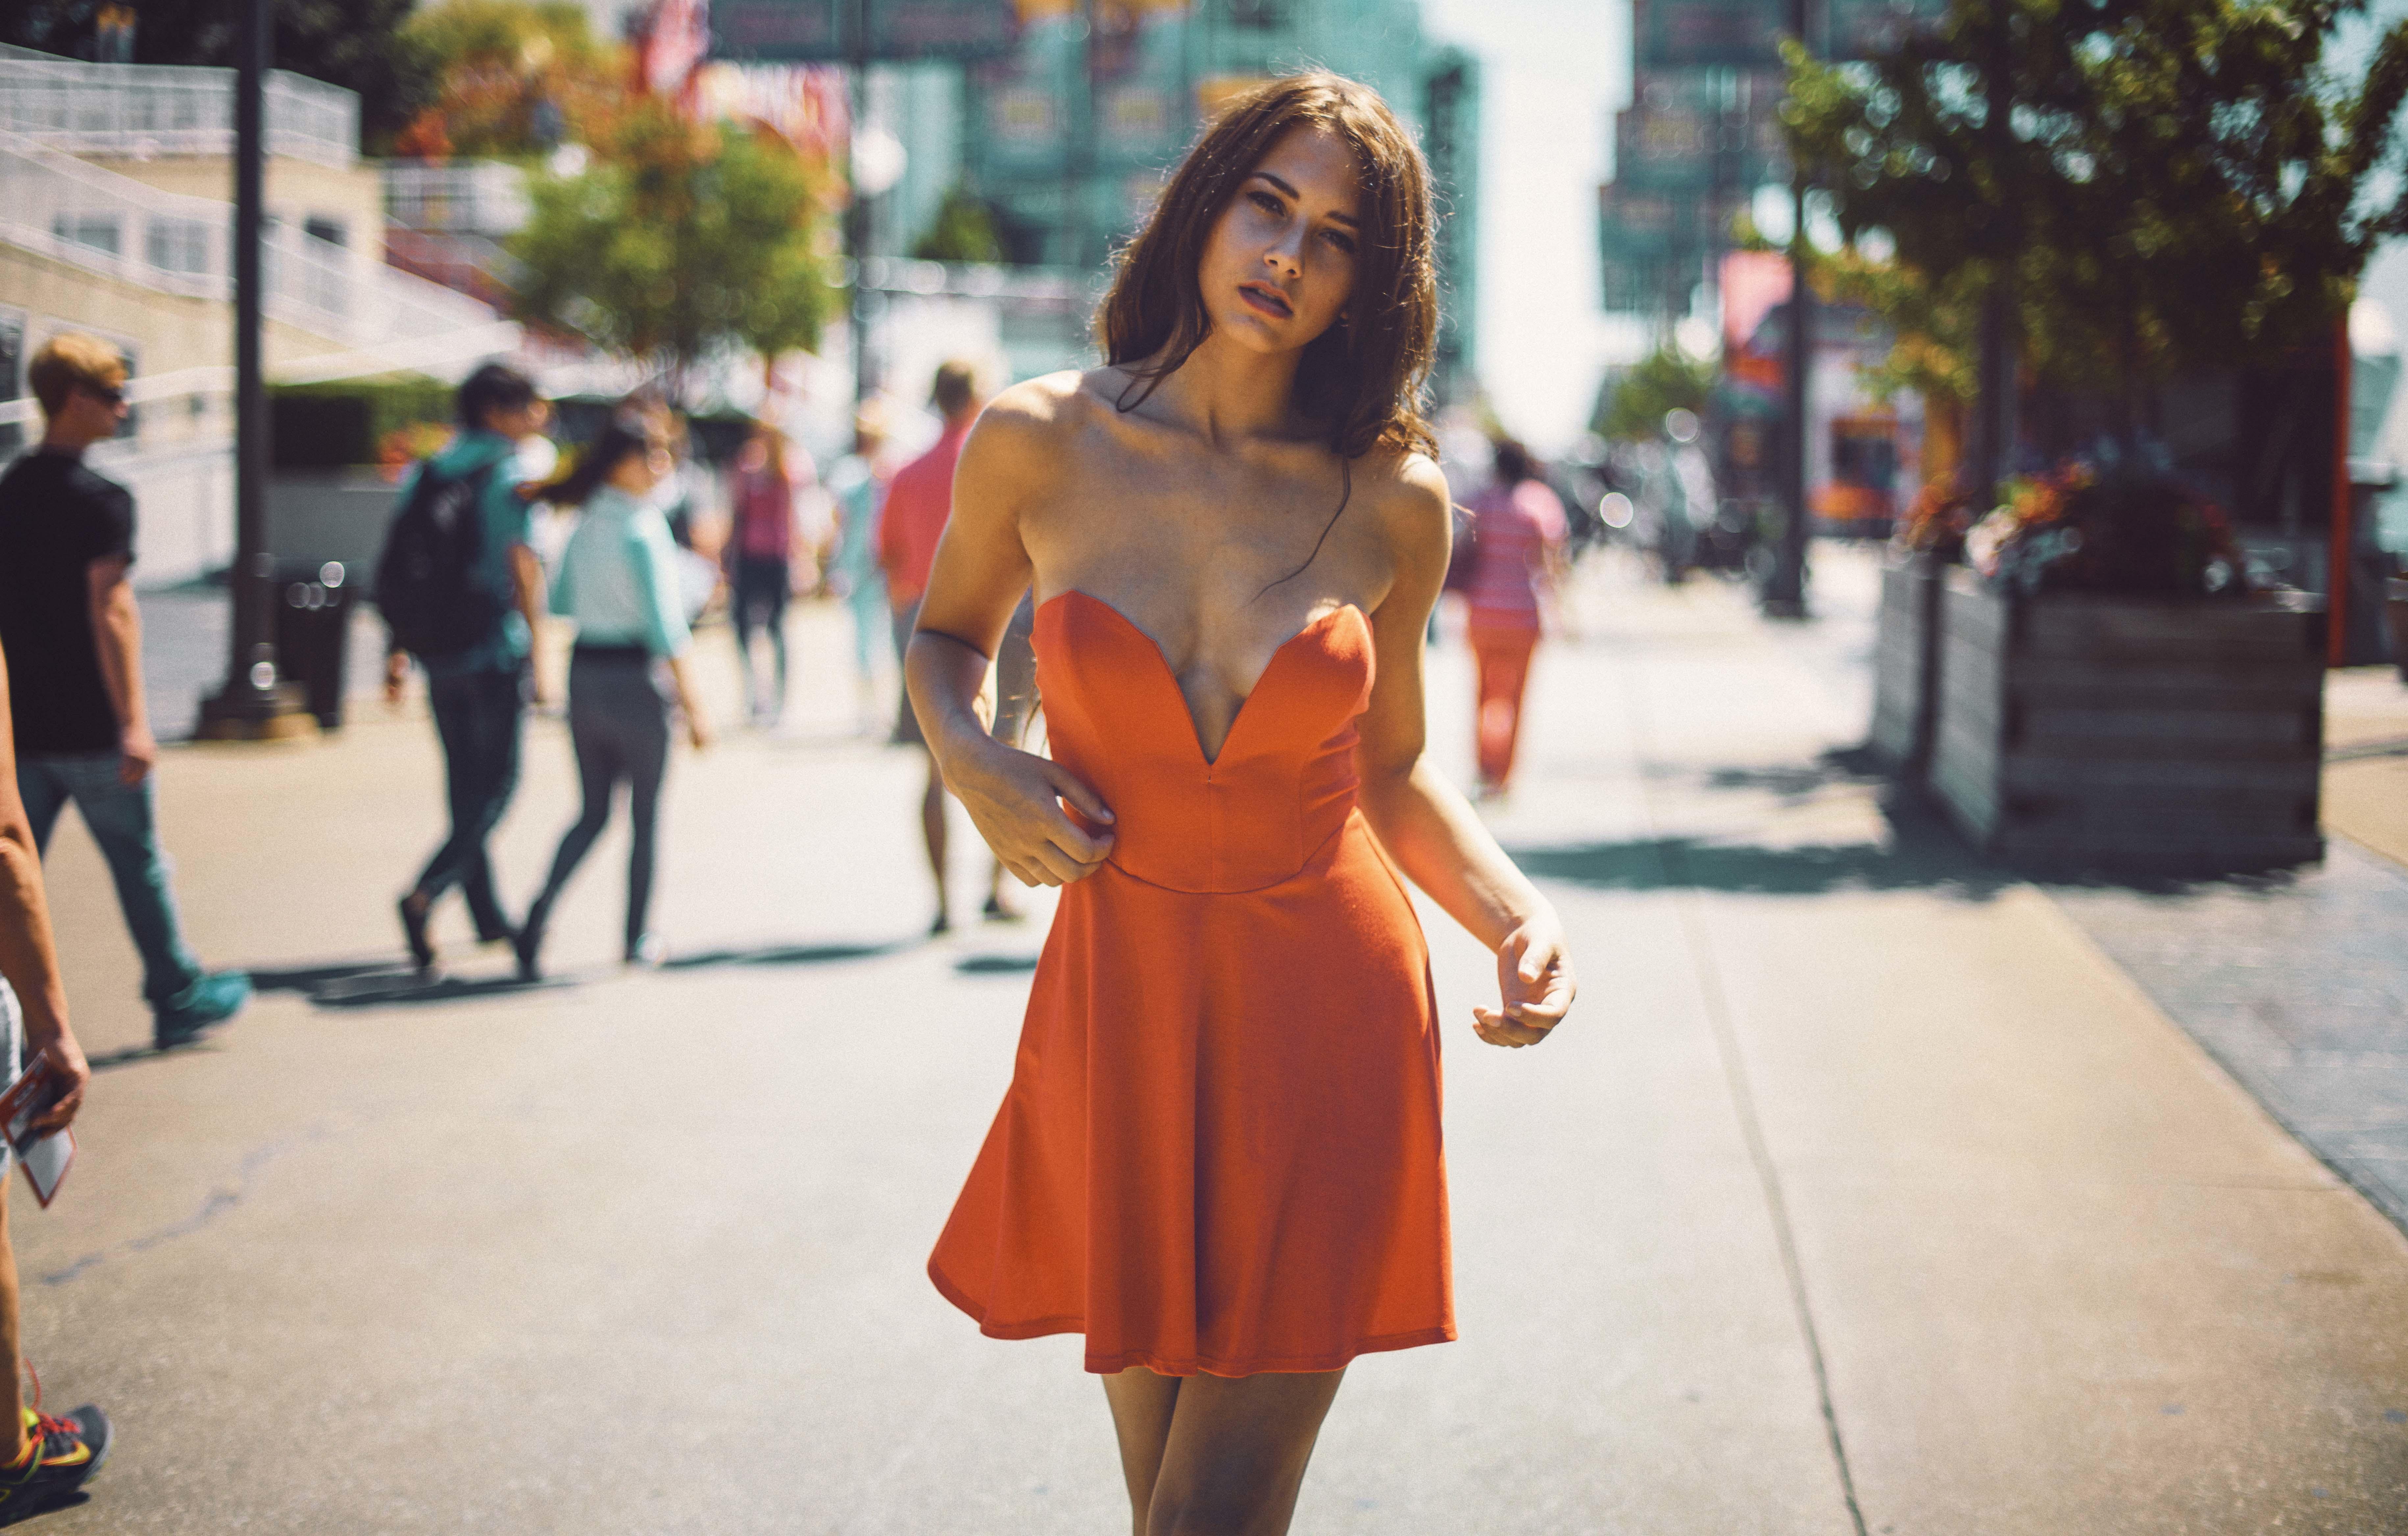 Street hot girls